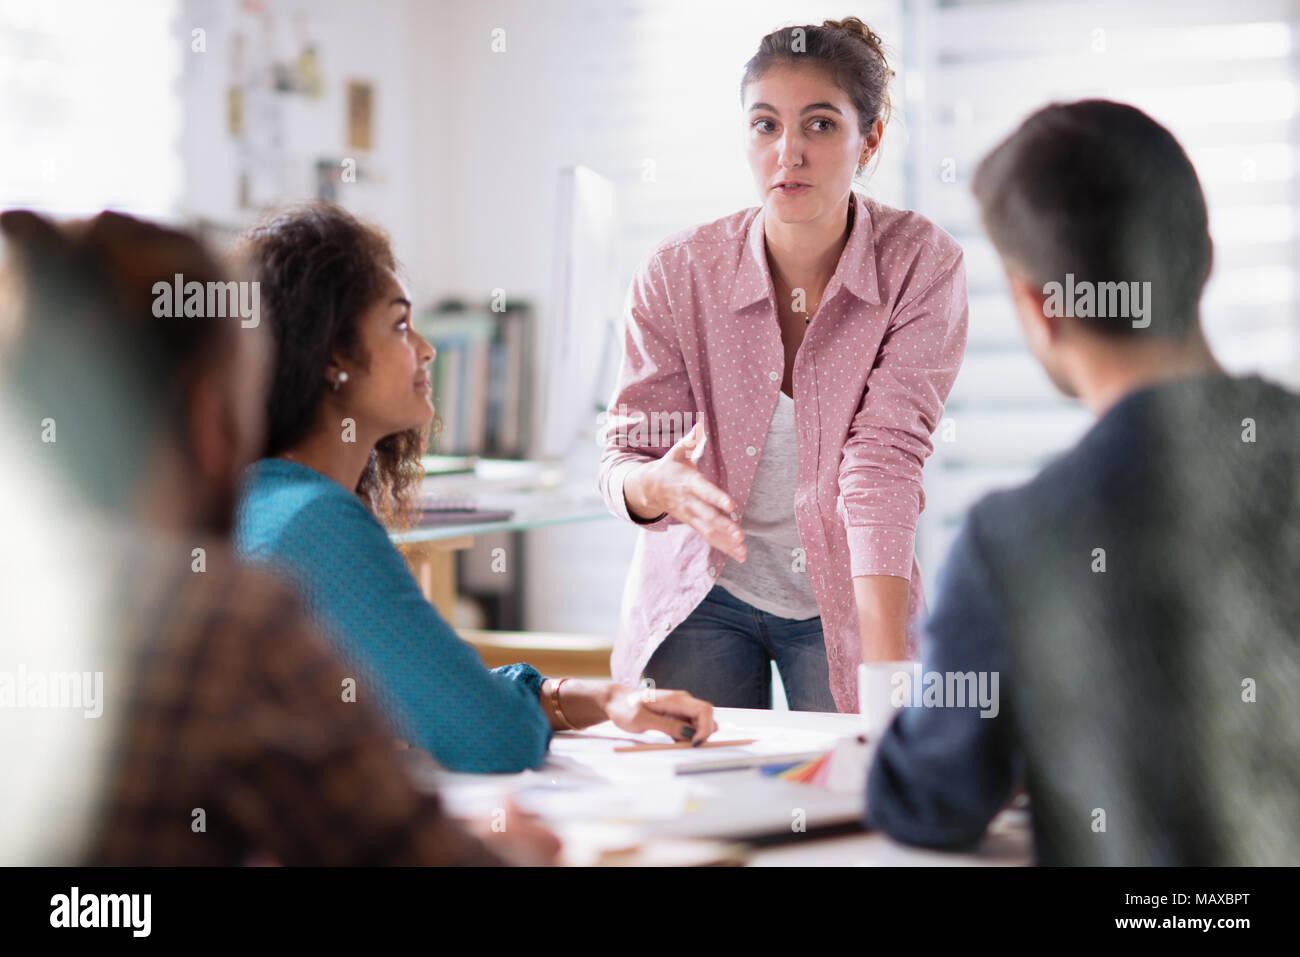 Sitzung Büro. junge Frau präsentiert ihr Projekt an ihre Kollegen Stockbild